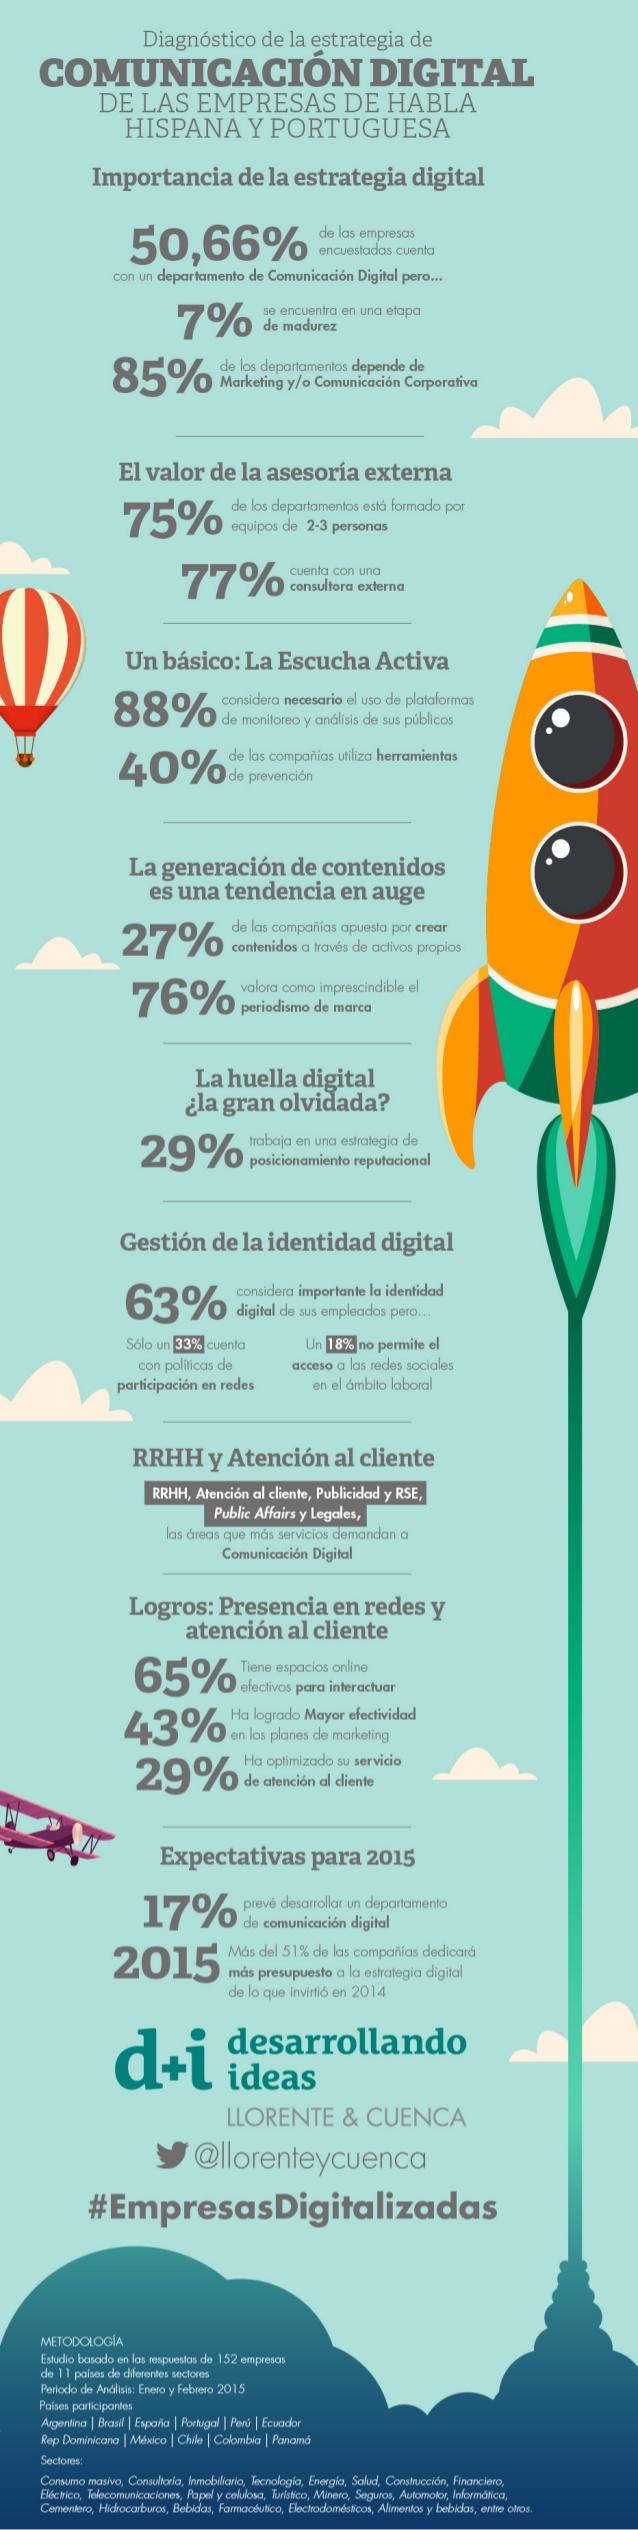 Diagnóstico de la estrategia de comunicación digital - Llorente & Cuenca - infografía